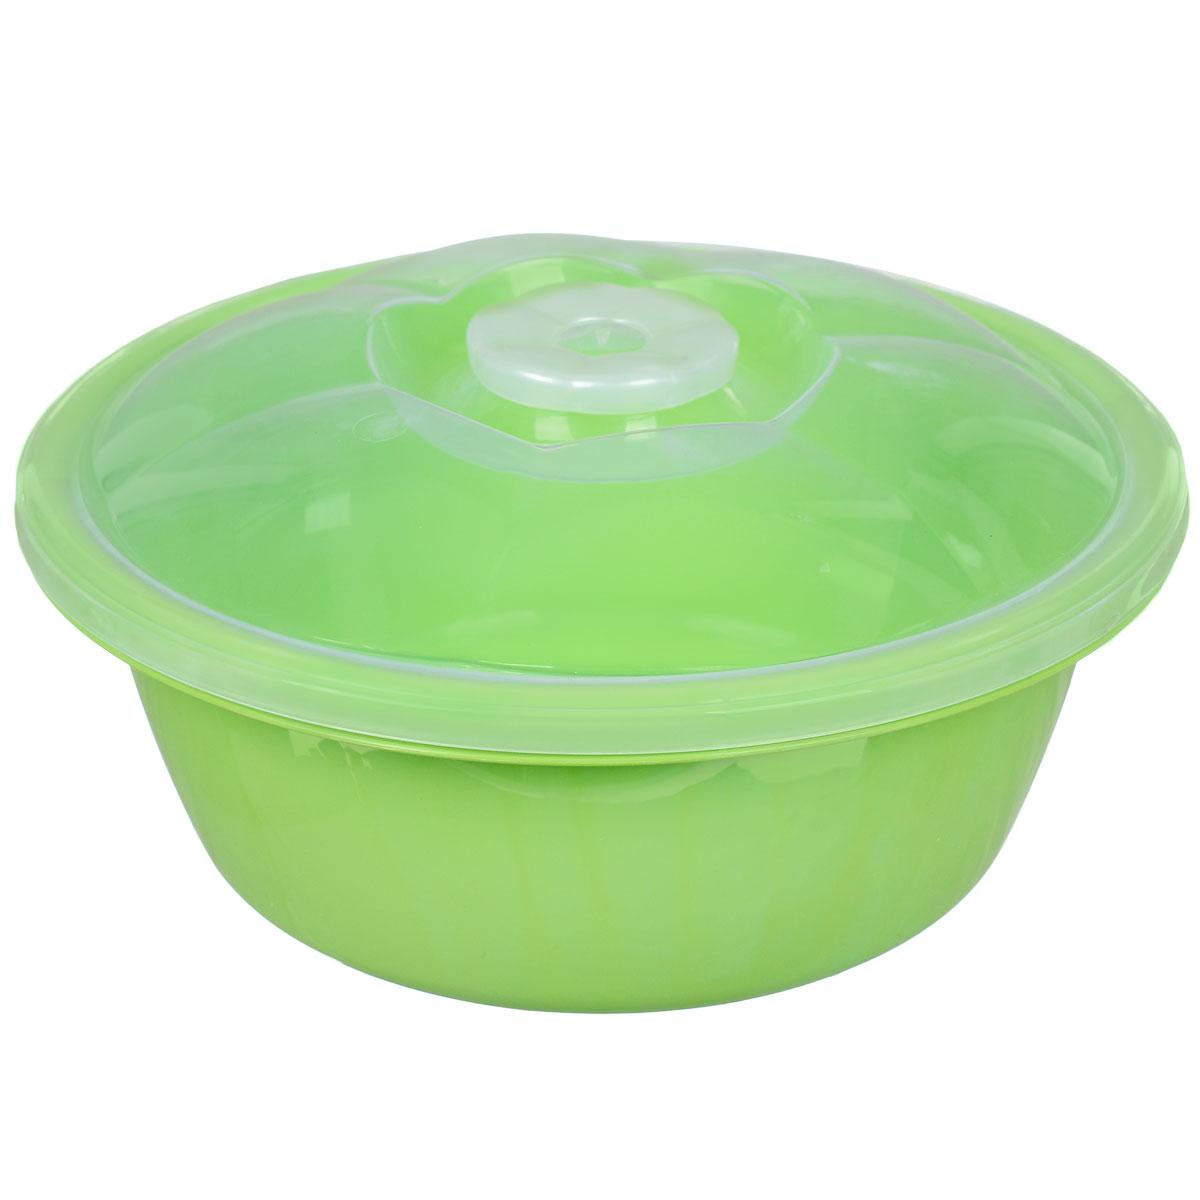 Миска Dunya Plastik, с крышкой, цвет: салатовый, прозрачный, 2,7 л10423_салатовыйМиска Dunya Plastik, изготовленная из пищевого пластика, имеет круглую форму. Изделие, оснащенное крышкой, очень функциональное. Оно прекрасно подойдет для хранения различных бытовых предметов, пищевых продуктов. Можно мыть в посудомоечной машине. Объем: 2,7 л. Диаметр (по верхнему краю): 24 см. Высота стенки (без учета крышки): 10 см.